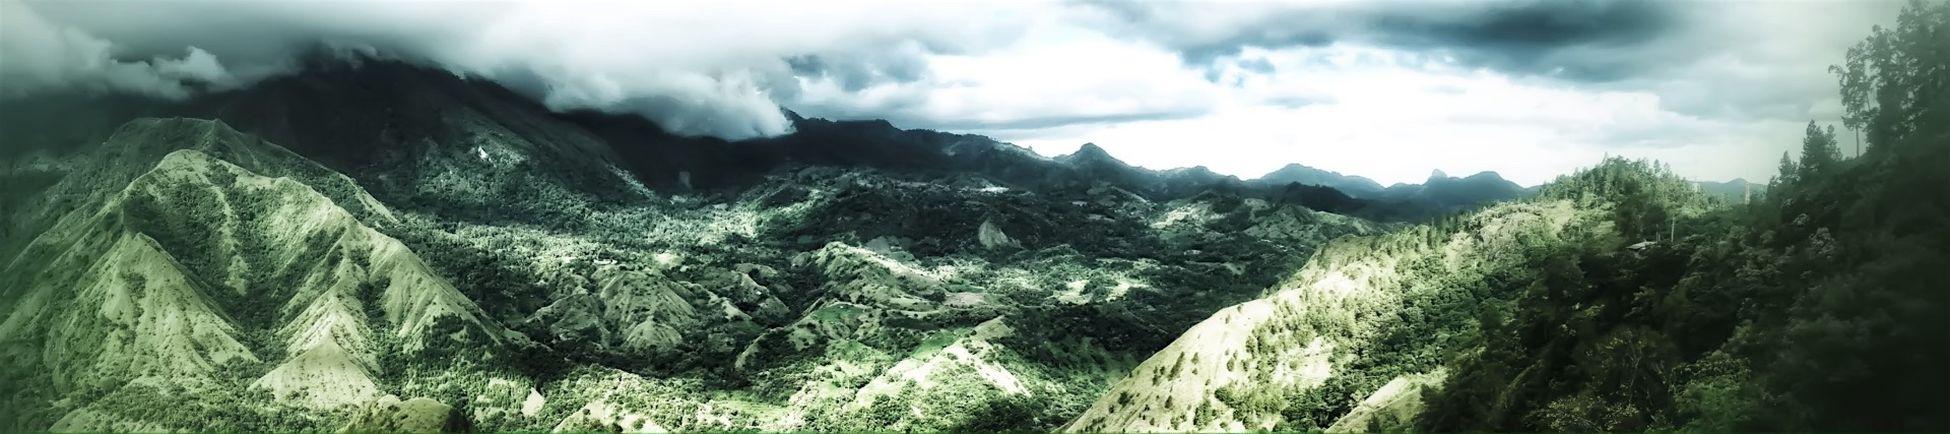 Buttu Kabobong Outdoor Landscape Mountain Panorama Panoramic